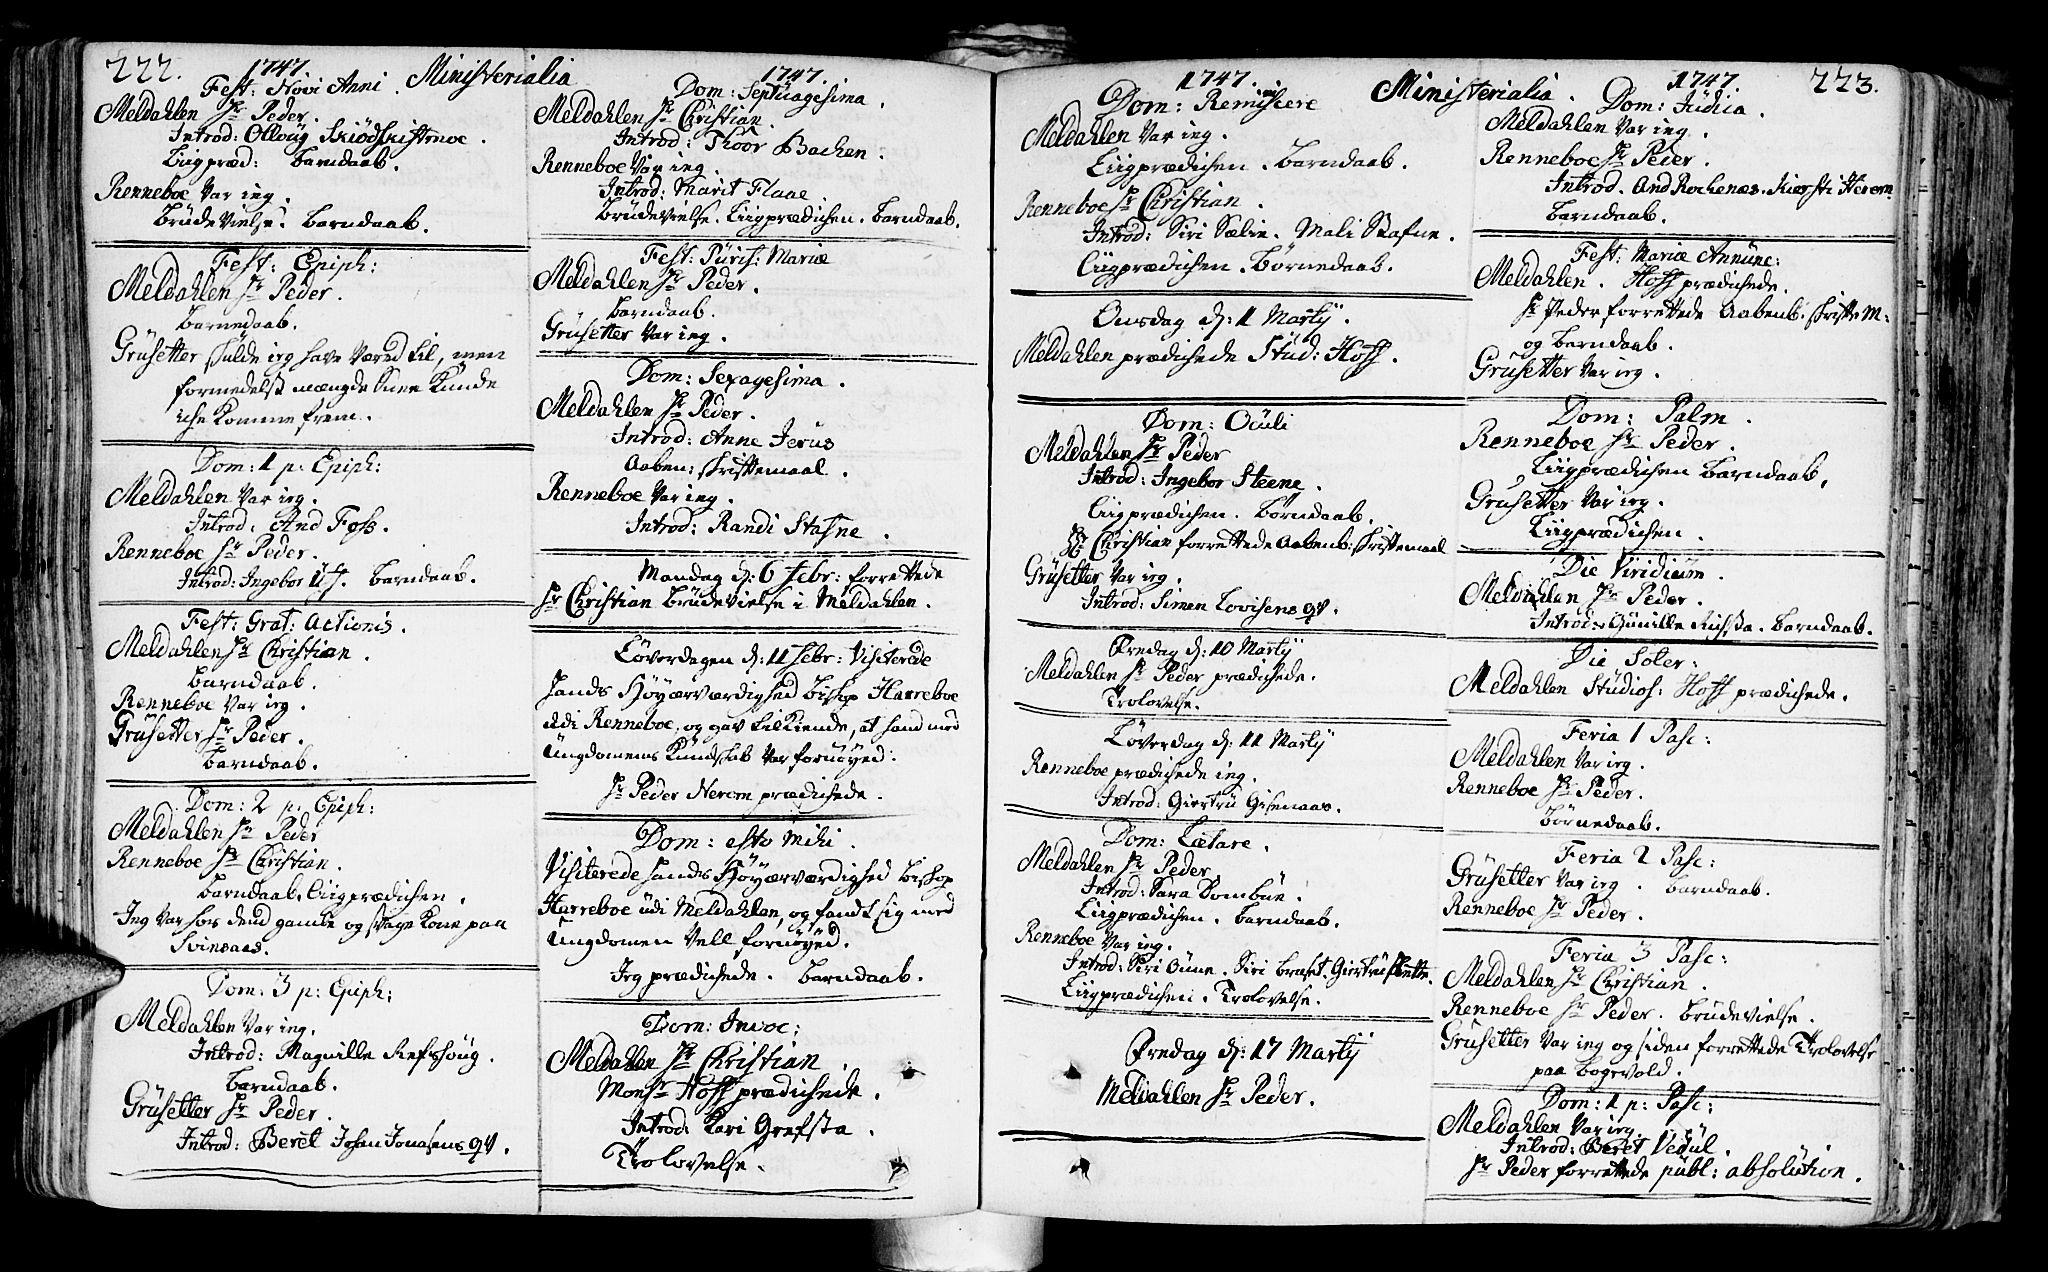 SAT, Ministerialprotokoller, klokkerbøker og fødselsregistre - Sør-Trøndelag, 672/L0850: Ministerialbok nr. 672A03, 1725-1751, s. 222-223